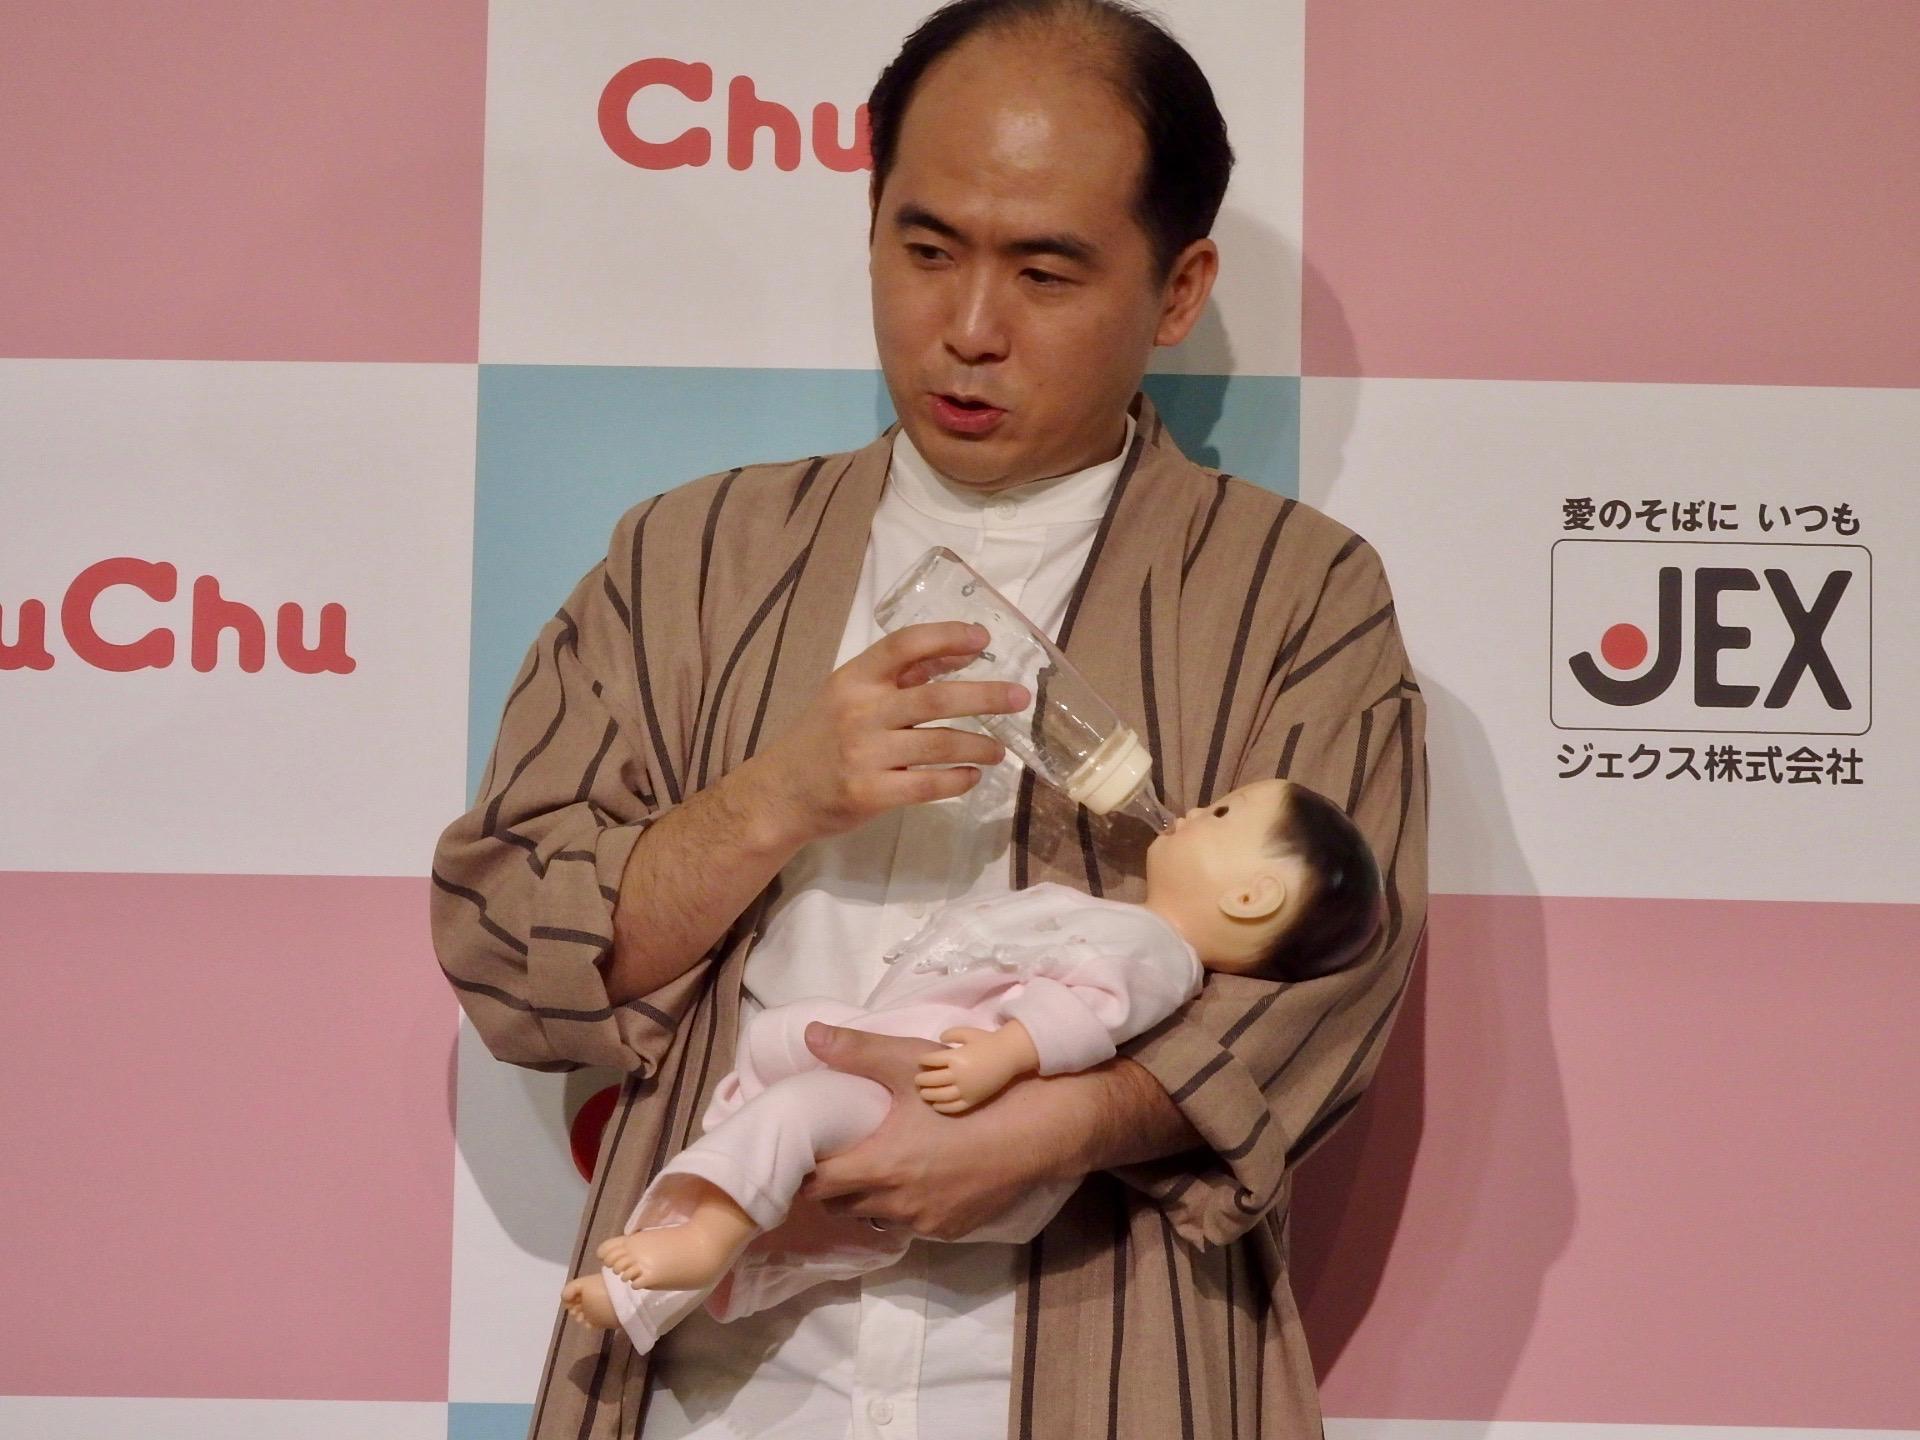 http://news.yoshimoto.co.jp/20180929173901-1c8899eb3cd76cc8f2640e3f3688d0d2439c5695.jpg